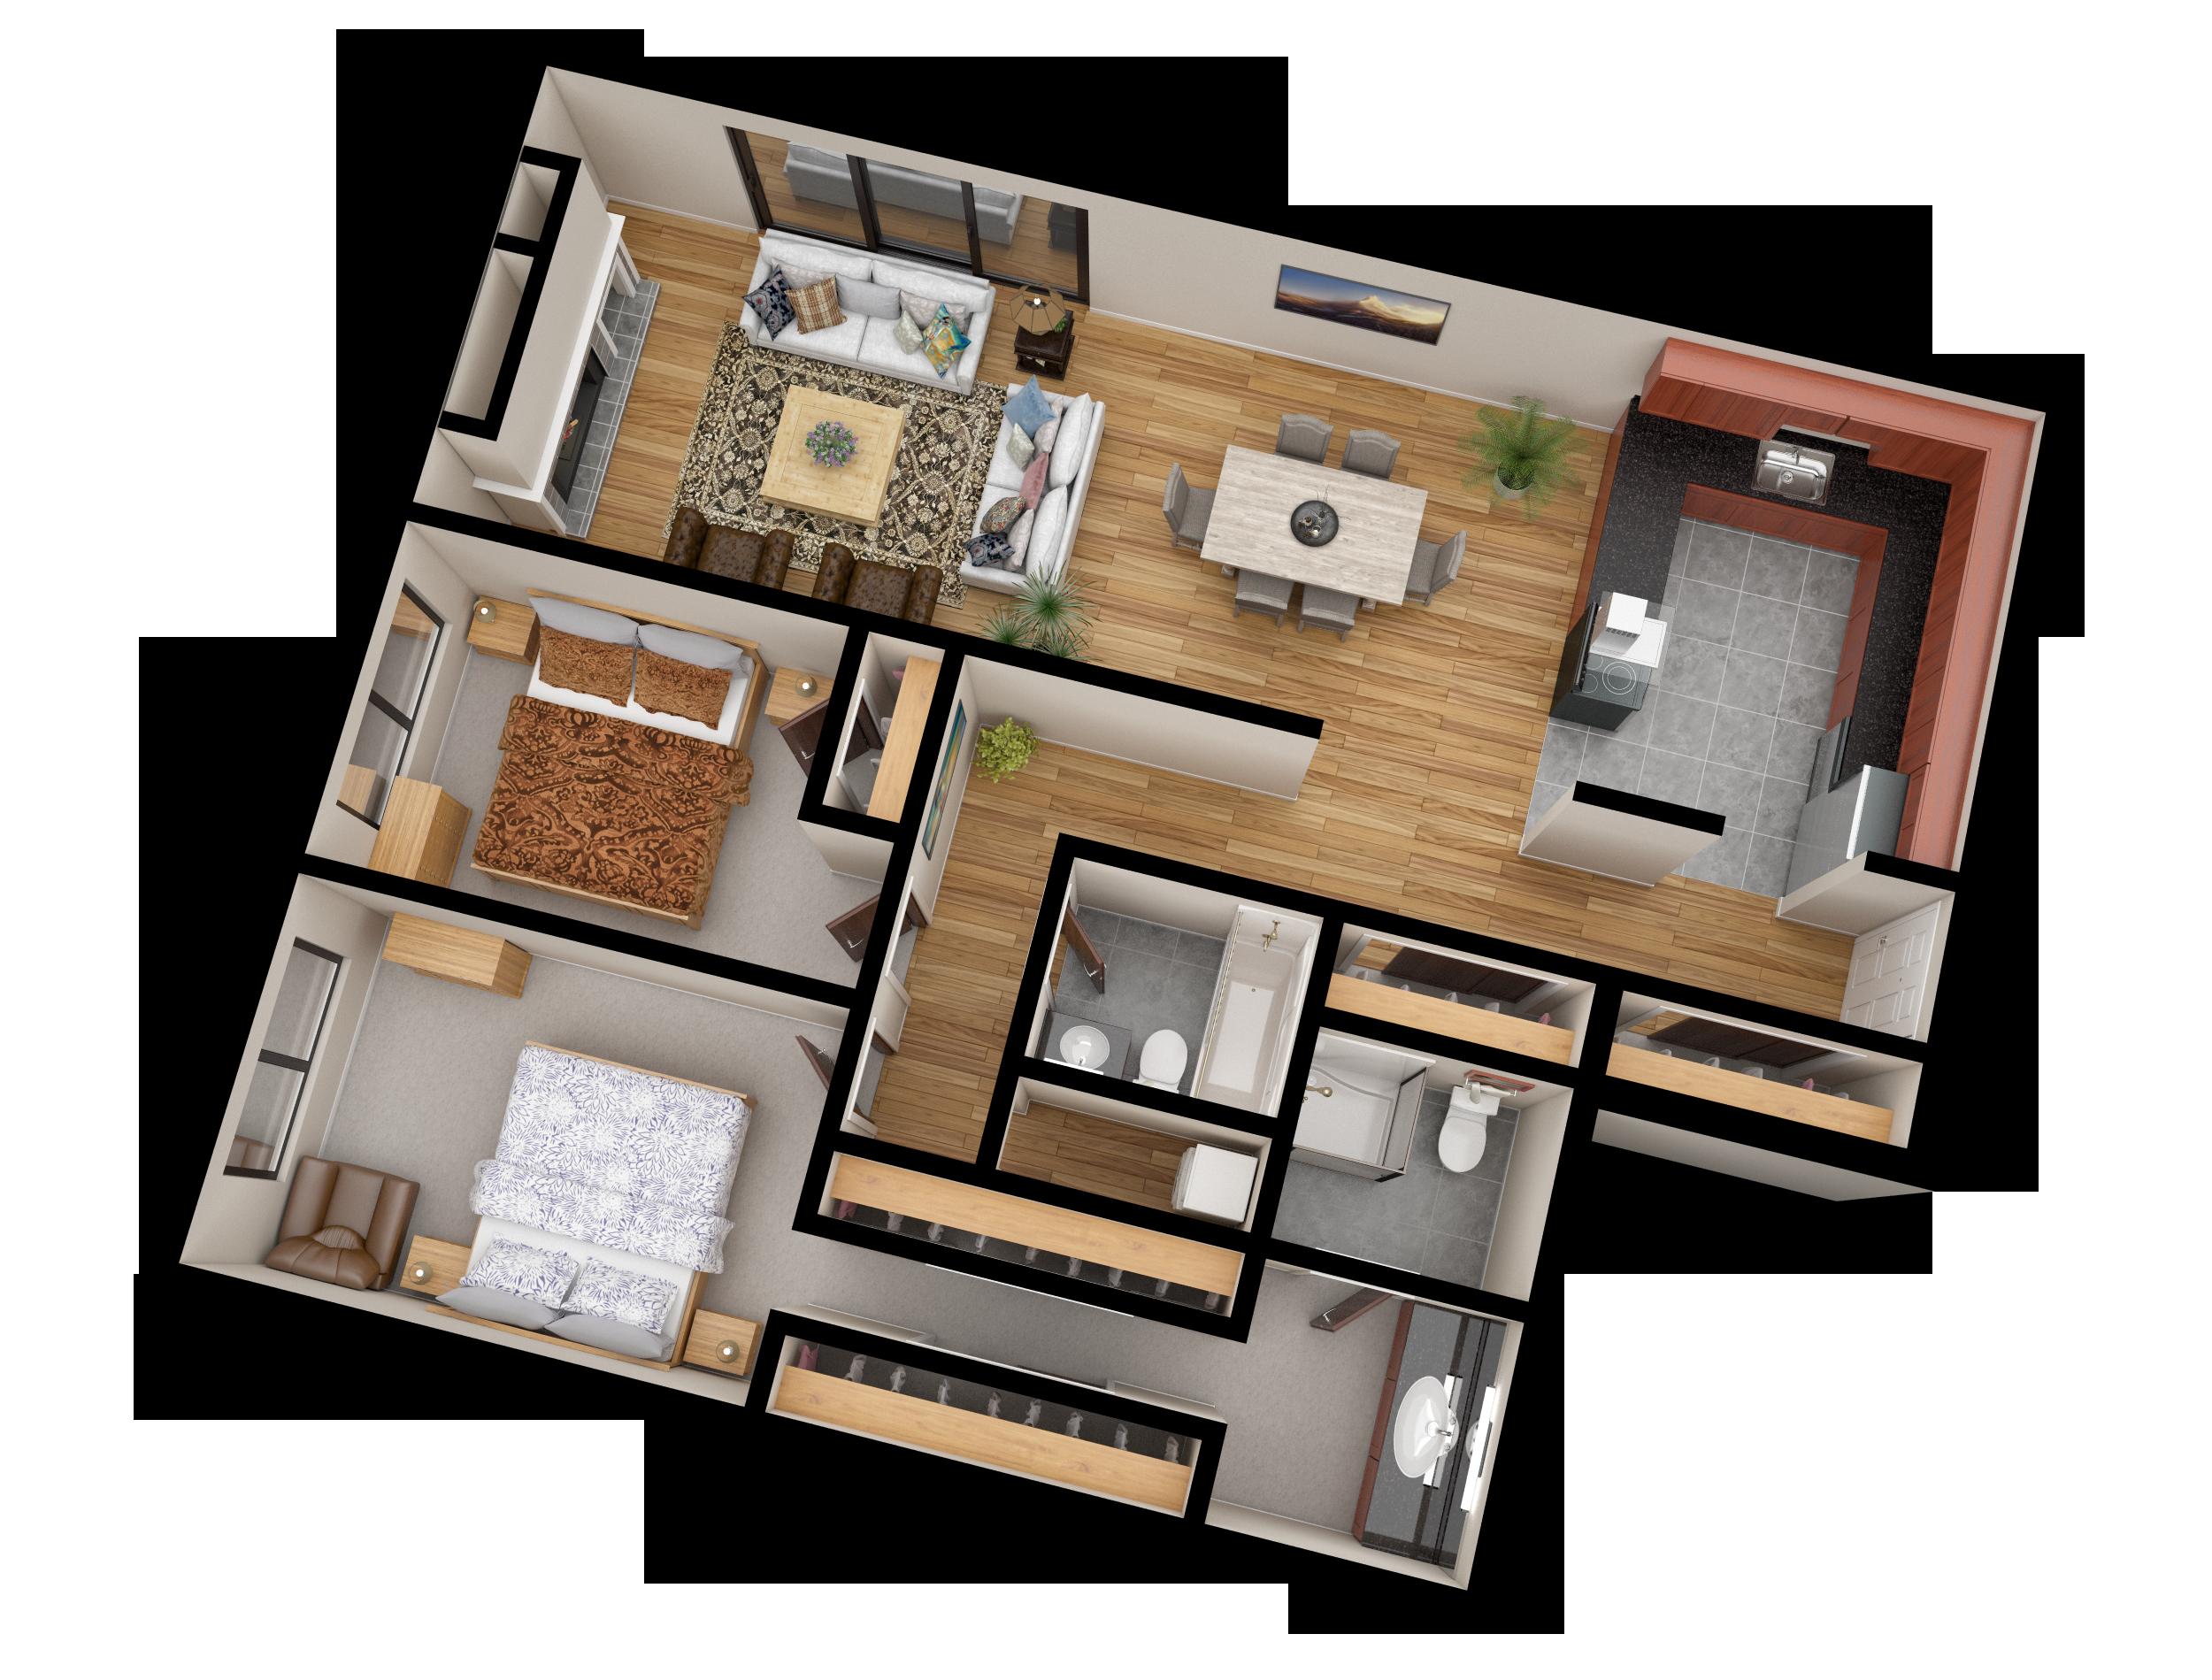 02 Apartment Line